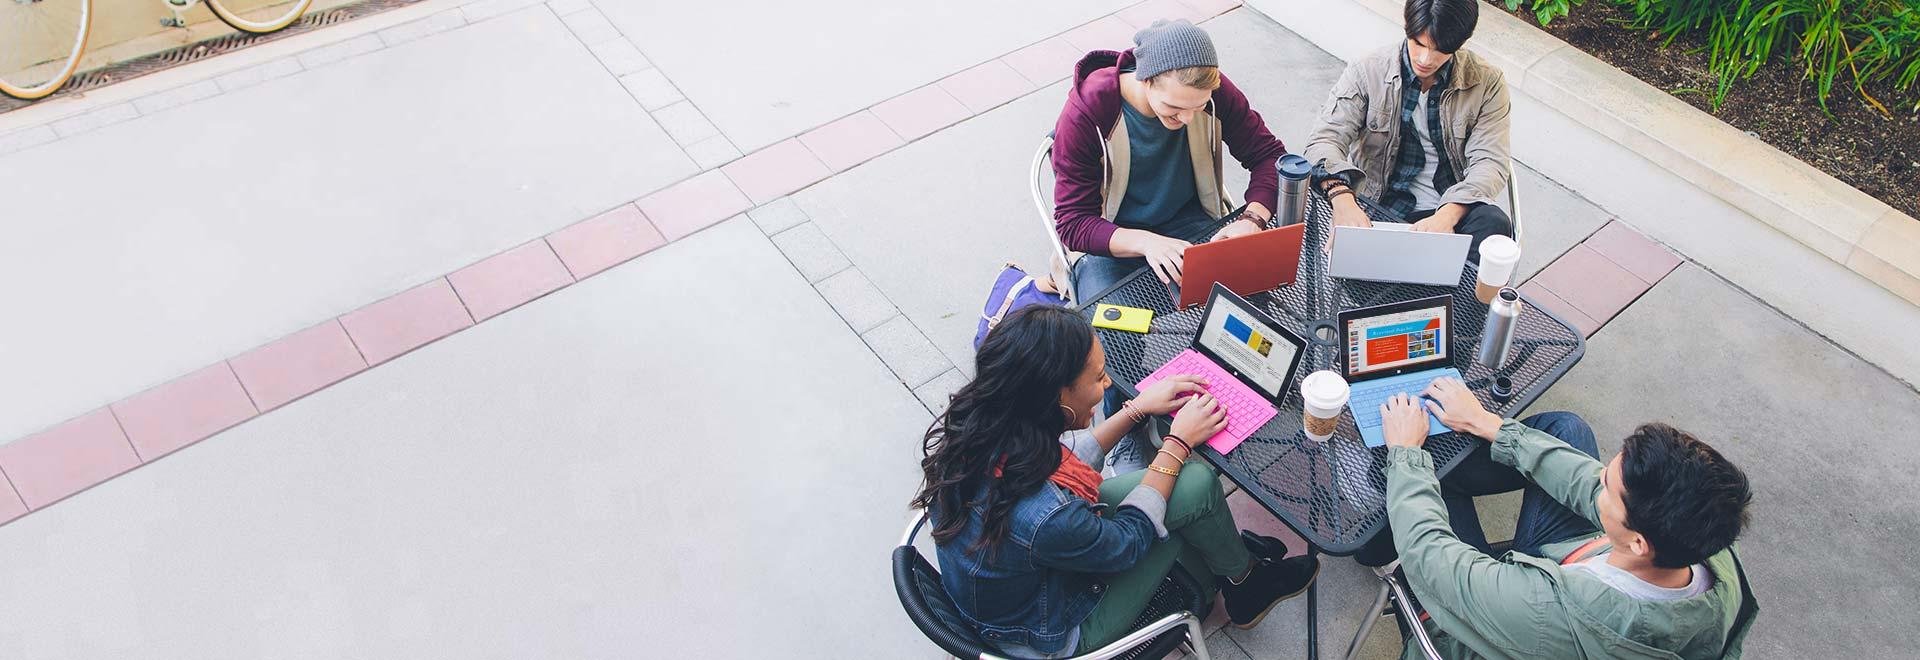 Quatre étudiants autour d'une table à l'extérieur, utilisant Office365 pour l'éducation sur leur tablette.